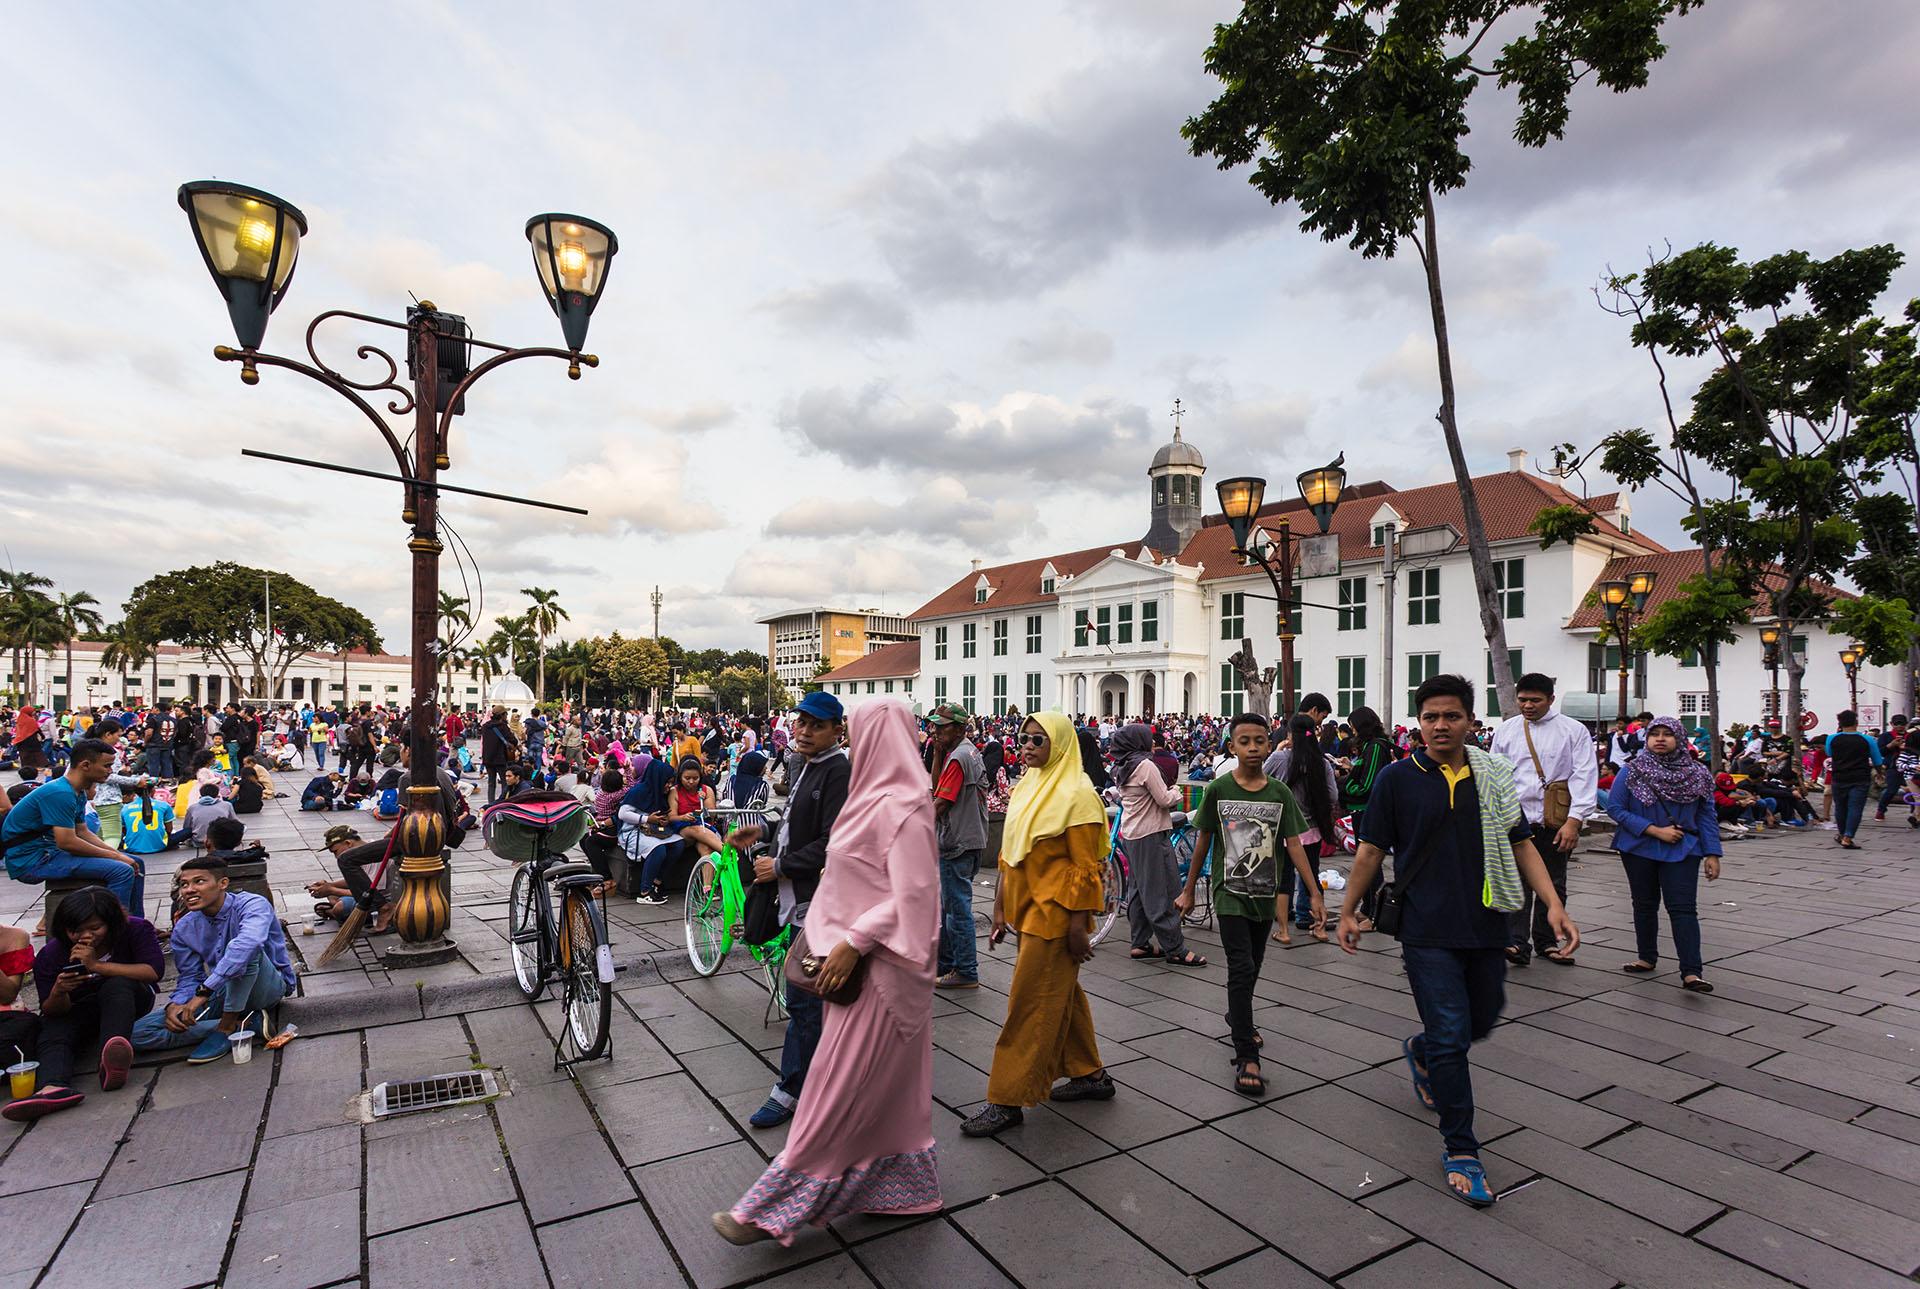 ANTES - La República de Indonesia está dividida en 34 provincias, 5 de las cuales corresponden a territorios especiales (ciudad de Yakarta, Papúa, Papúa Occidental, Yogyakarta y Aceh) (Shutterstock)